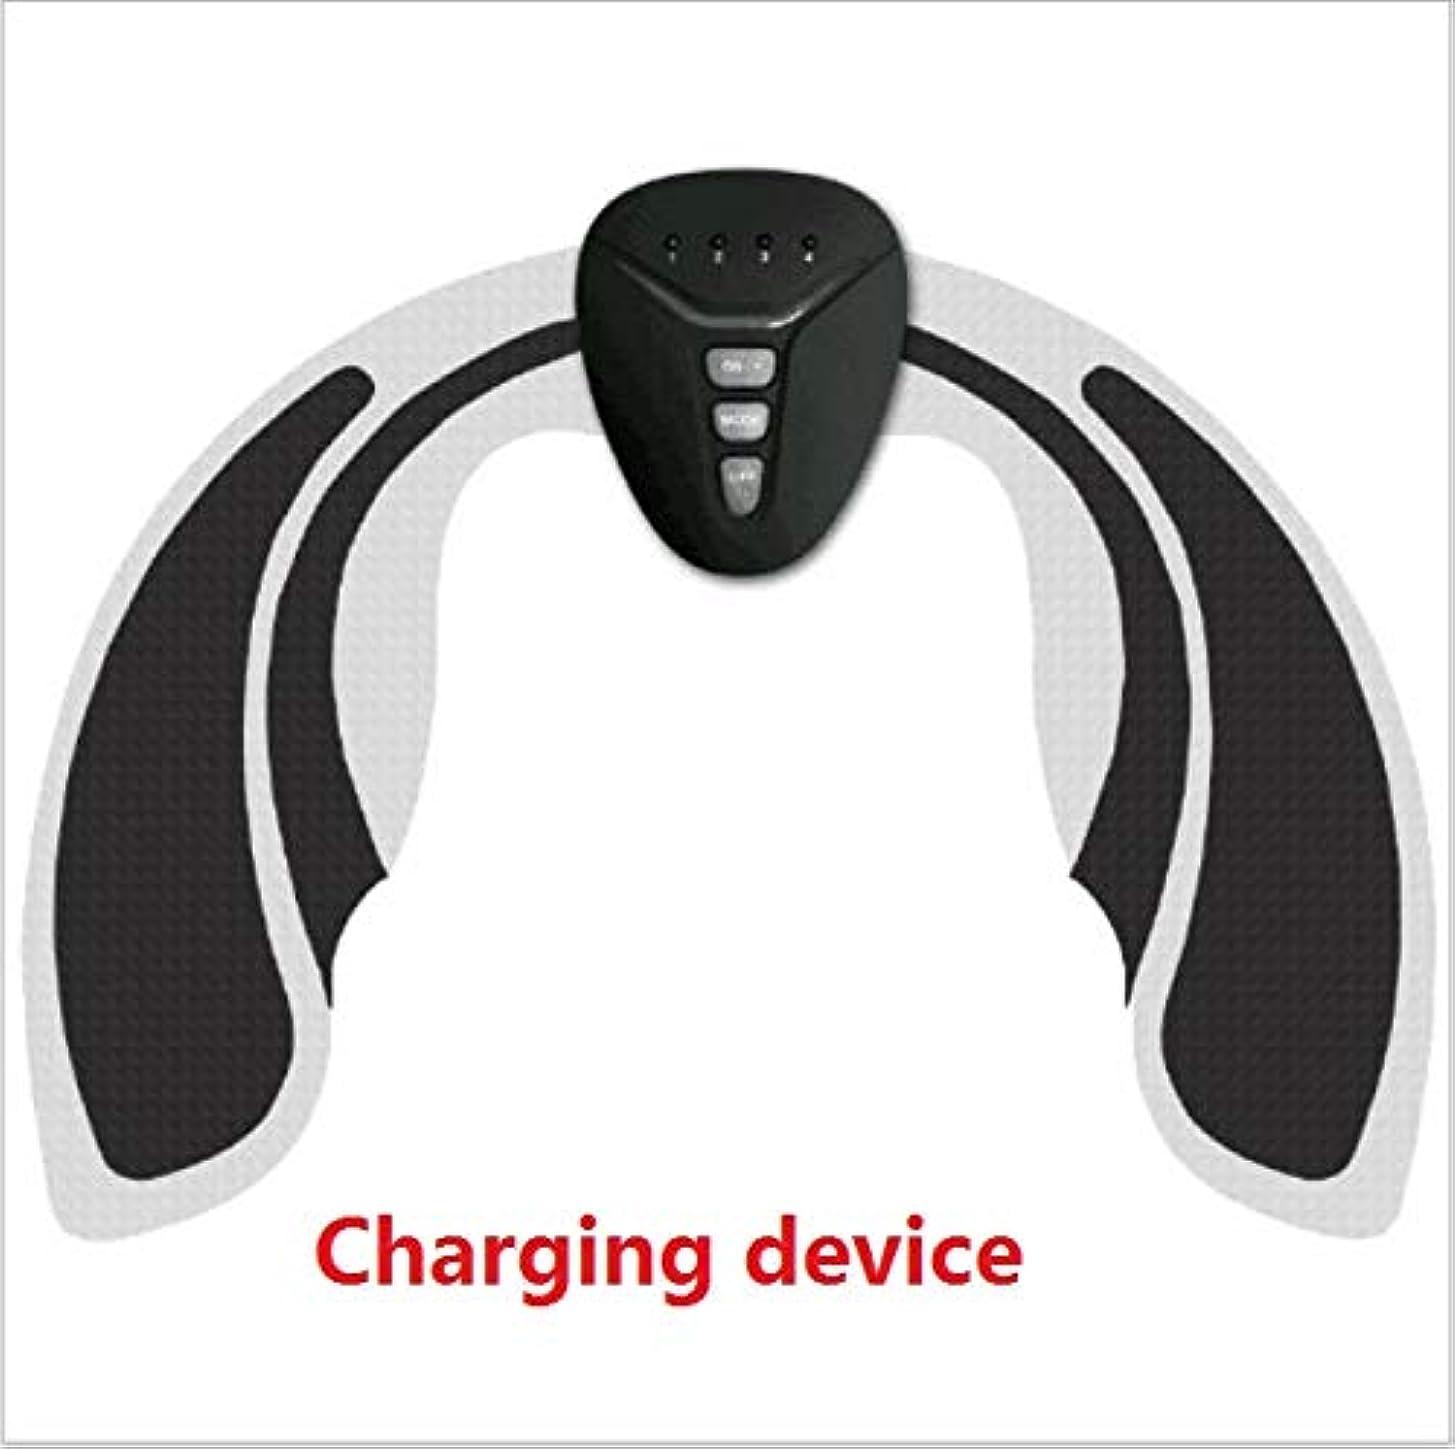 真っ逆さま支援似ているKTYX ユニセックスヒップデバイスFengqi美容ウエストシェイピングボディインストゥルメンツEMSインテリジェントマッサージ機器 マッサージャー (色 : Charging type)